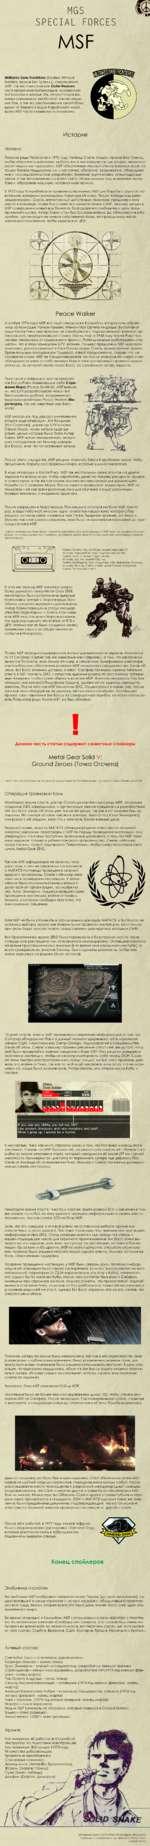 SPECIAL FORCES MS F История Начало Peace Walker да MSF все ещё находился в Колумбии, когда к ним обрати-> Рамон Гальвес Мена и Паз Ортега Андраде. Высыпая от а-Рики, они просиди их разоораты-я с I зй, оккупировавшей страну (прим. пер. в 1948 году Коста-Рика ностью отказалась от содержания ар